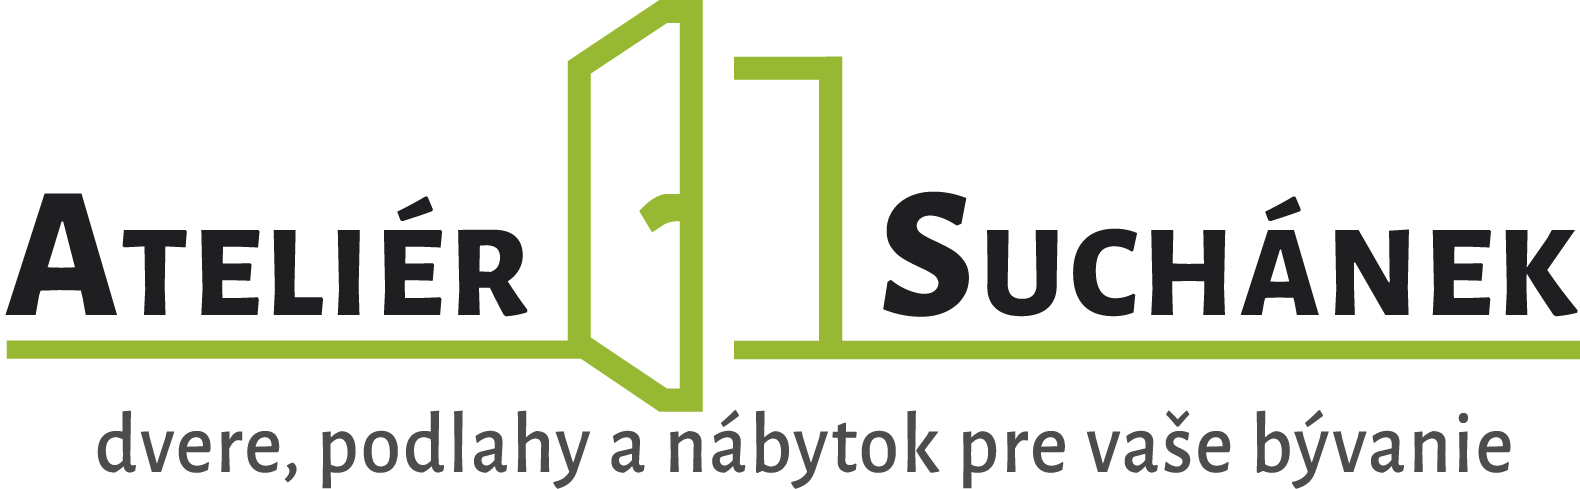 Atelier Suchánek, dvere, podlahy, zarubne, mozntaz, kuchyne, nabytok